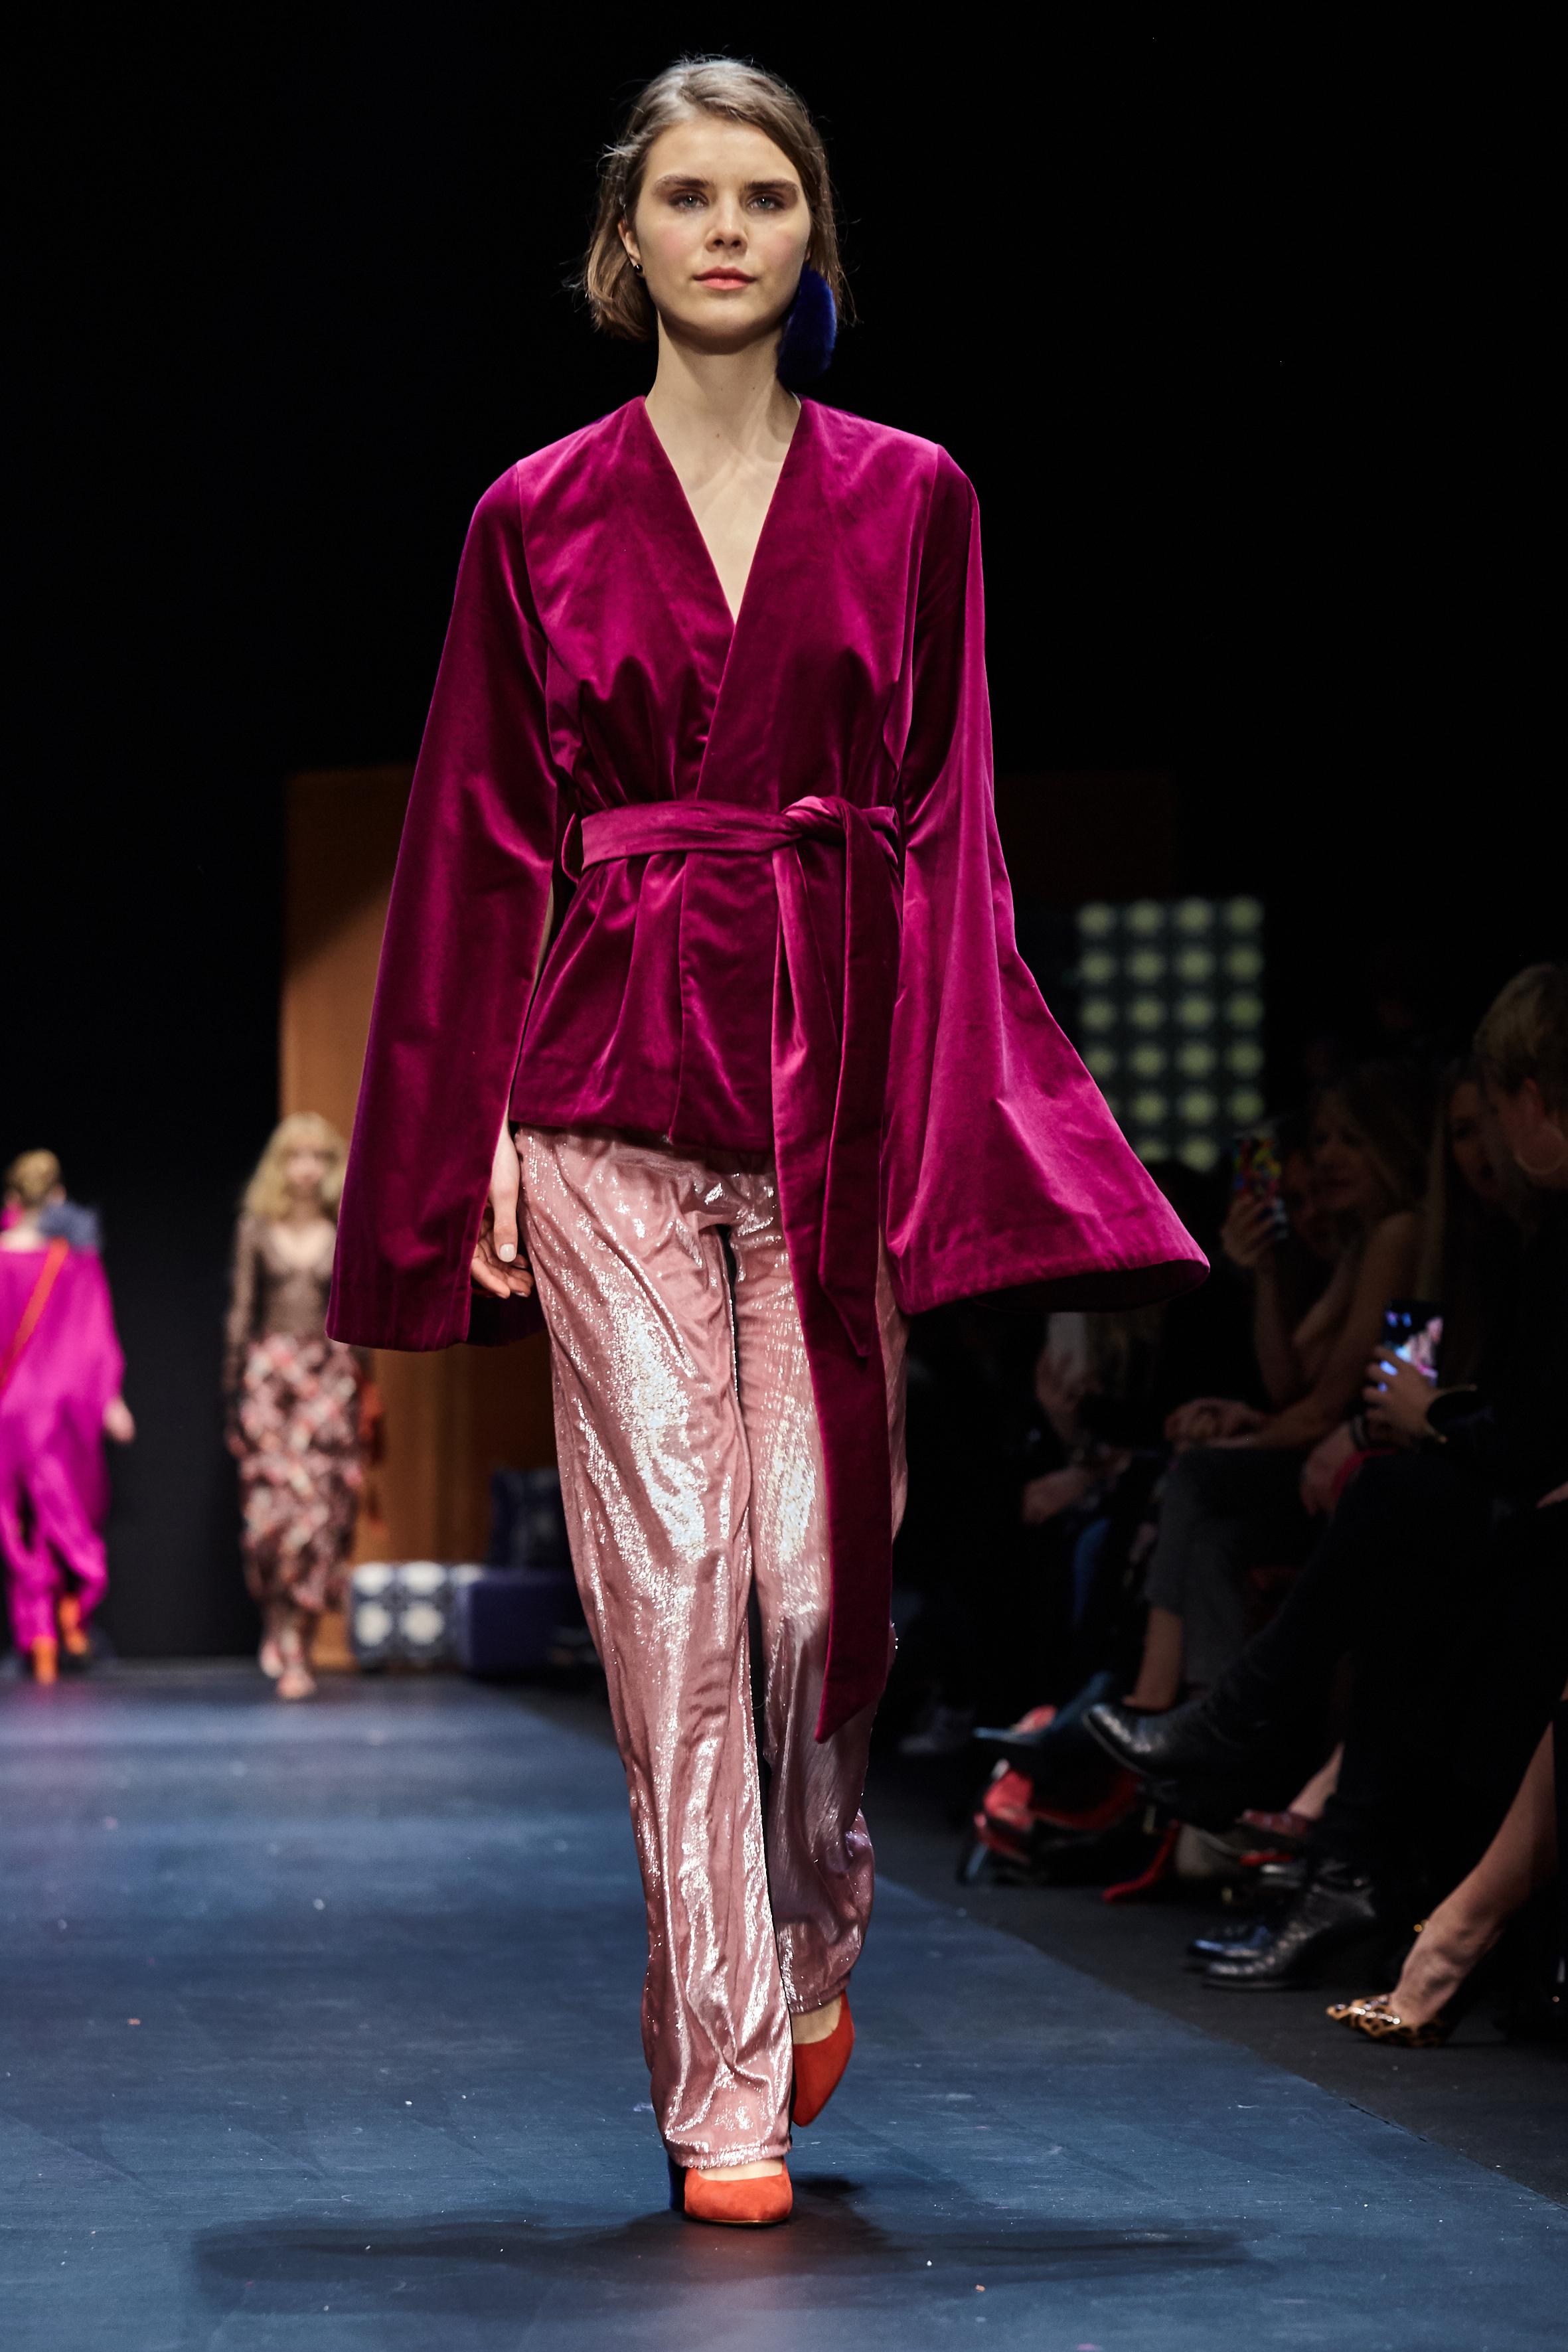 Looks_DawidTomaszewski_FashionWeekAW2018-19_HeidiRondak 175.jpg